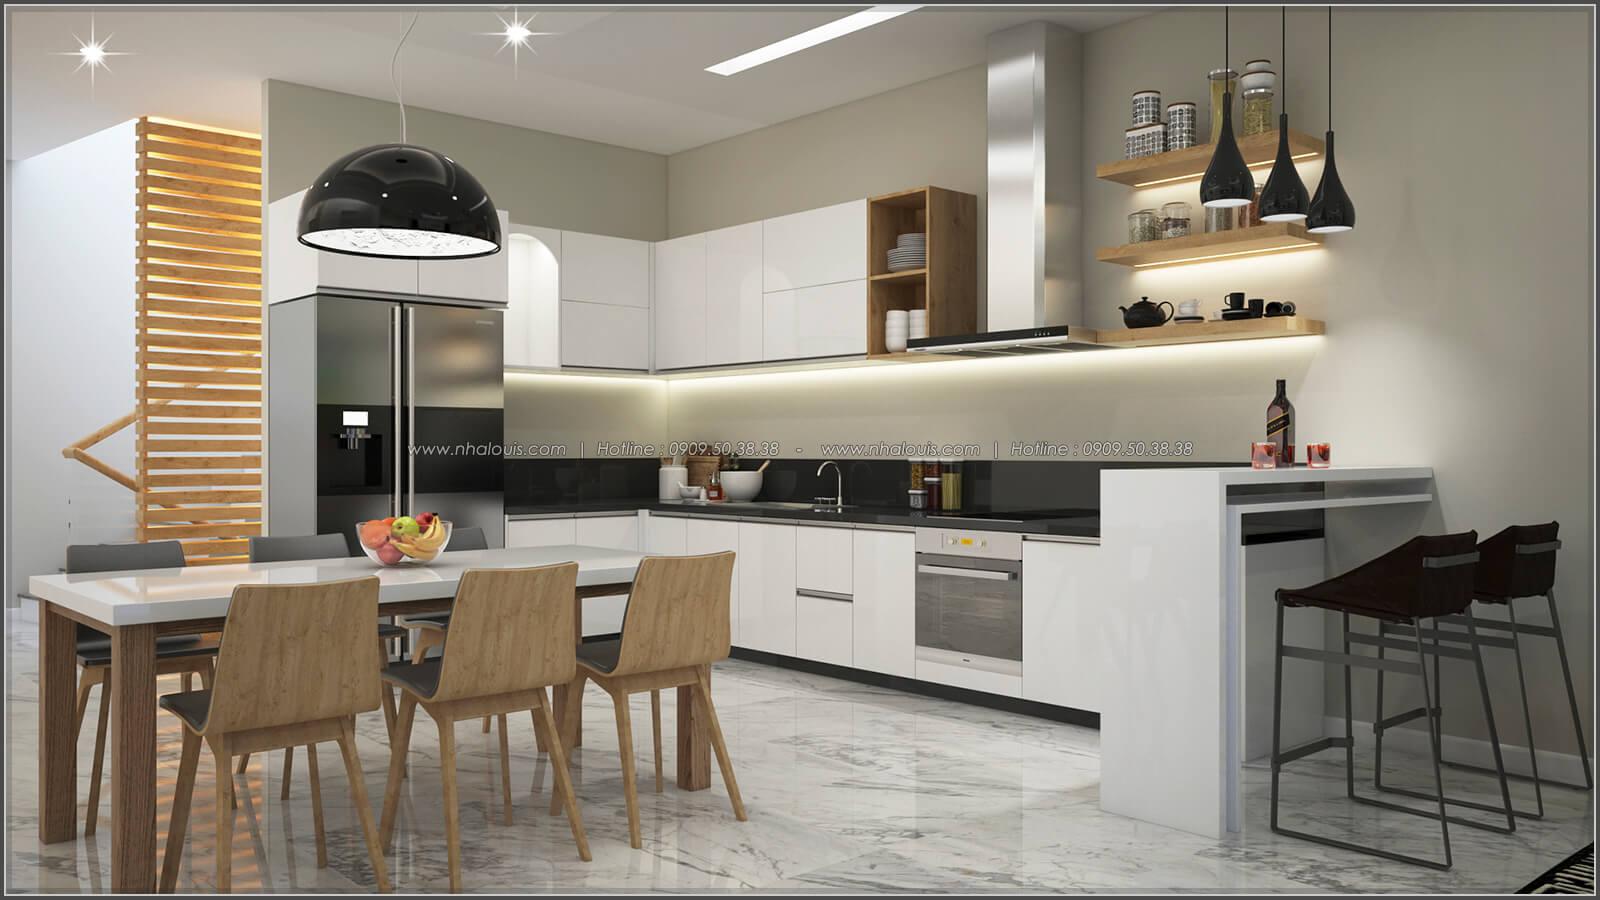 Phòng bếp thiết kế nhà có tầng hầm của chị Lan tại Quận 1 - 13